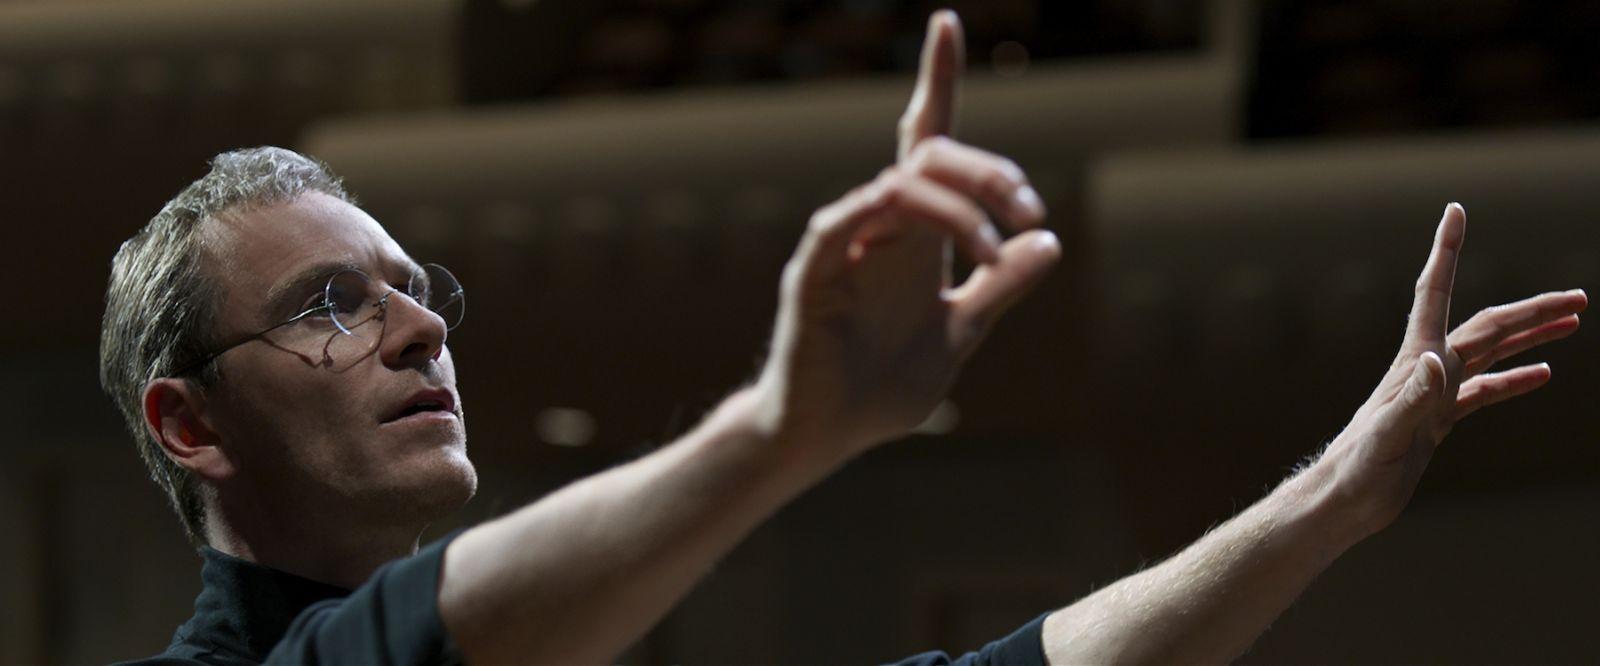 Steve Jobs: il protagonista del film Michael Fassbender in una scena